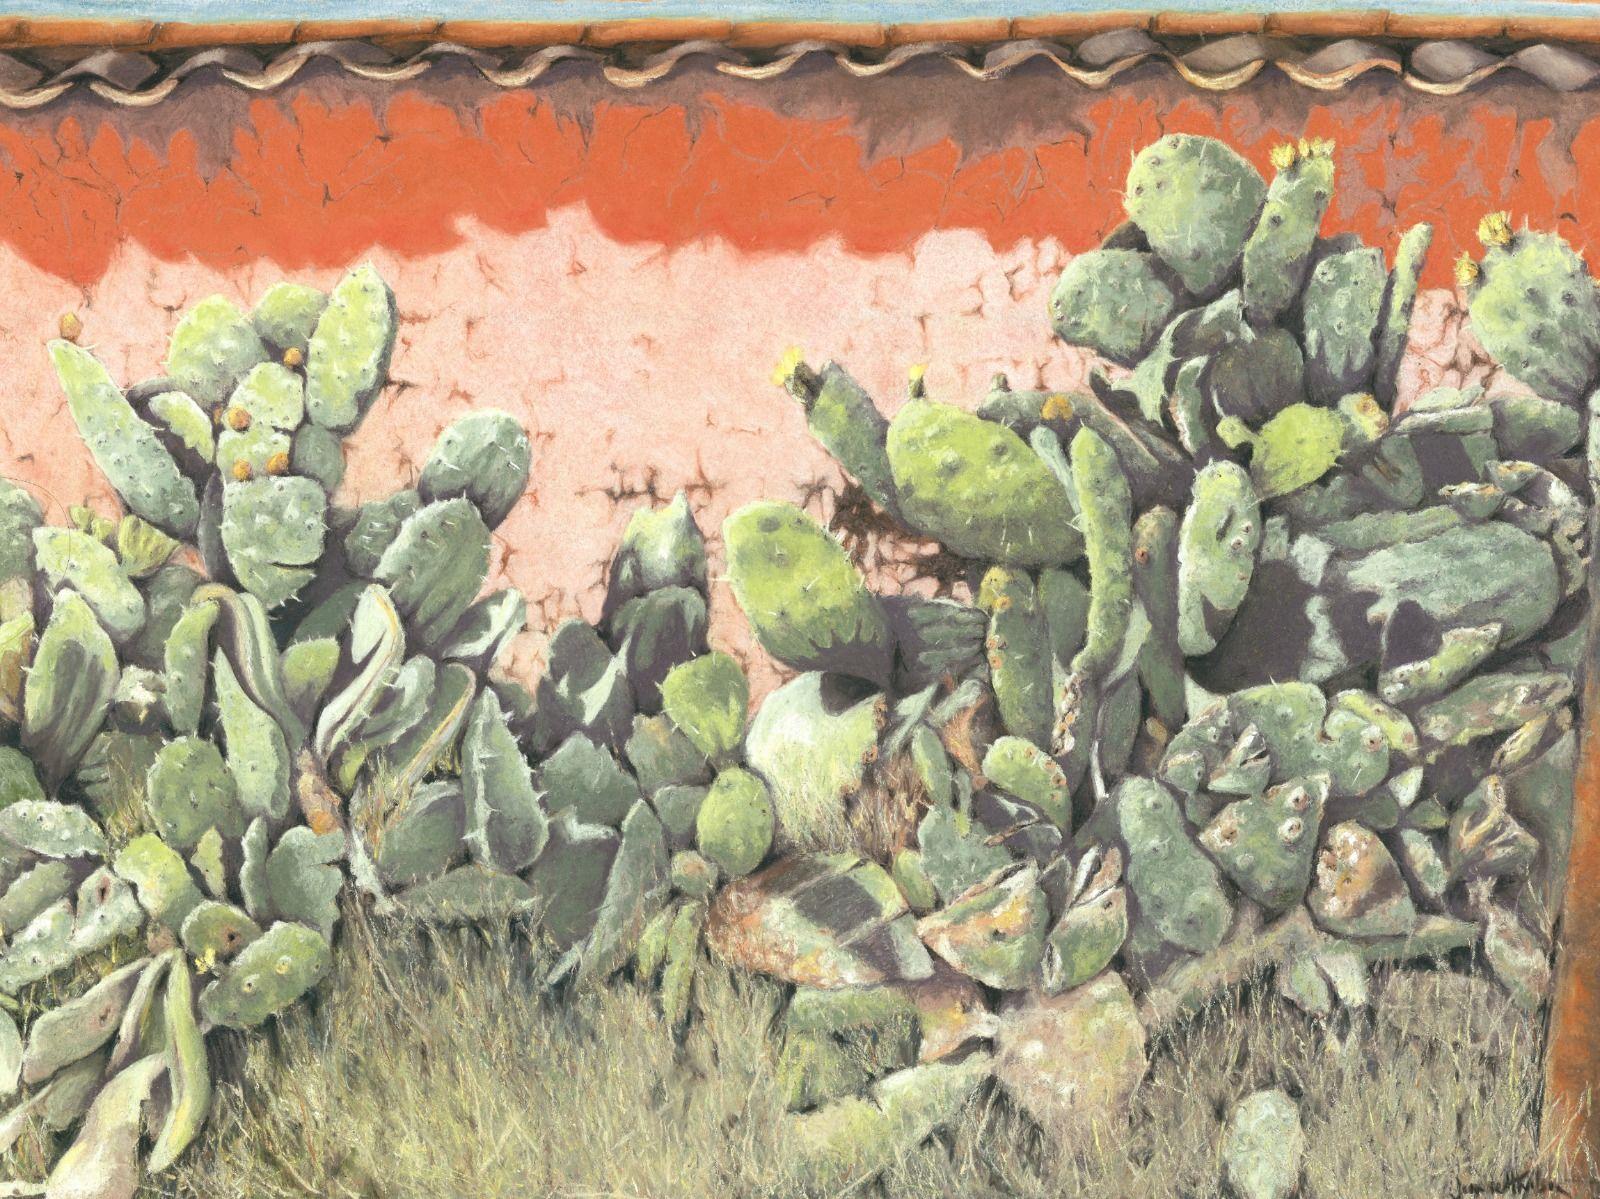 Cactus - Peru